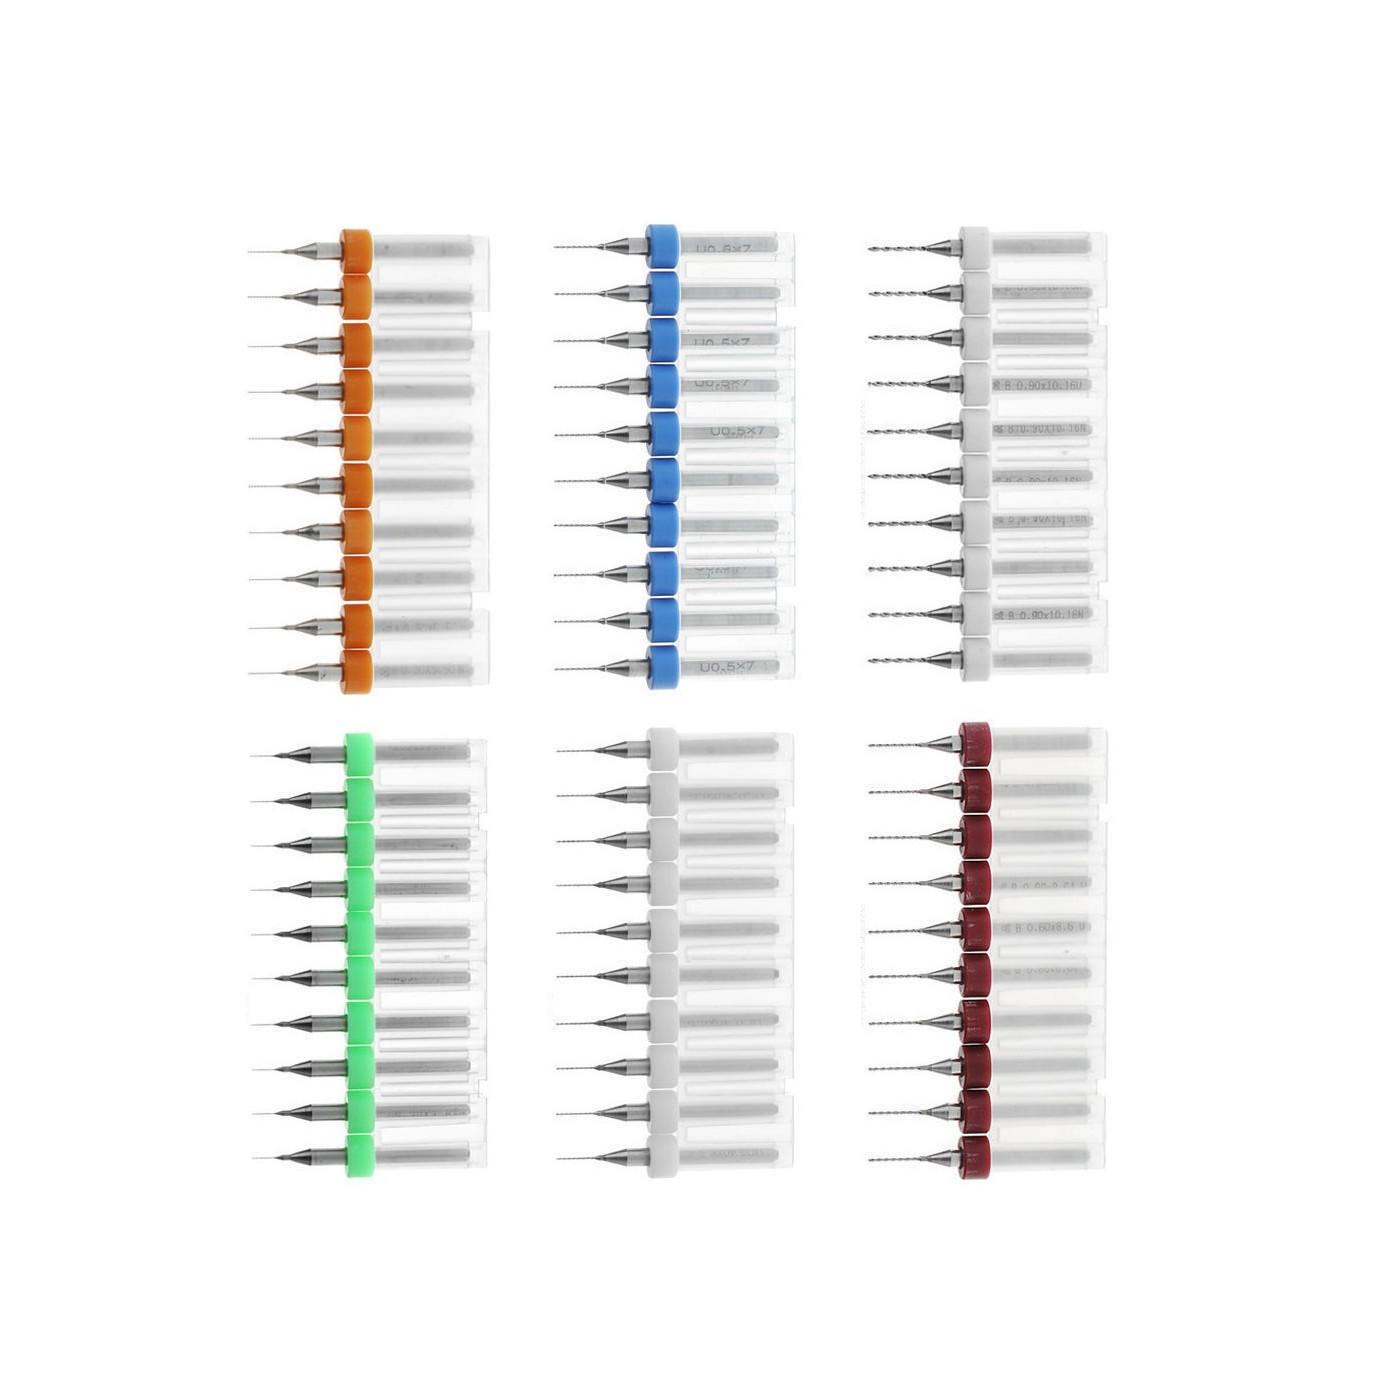 Ensemble de 10 micro forets dans une boîte (0,50 mm)